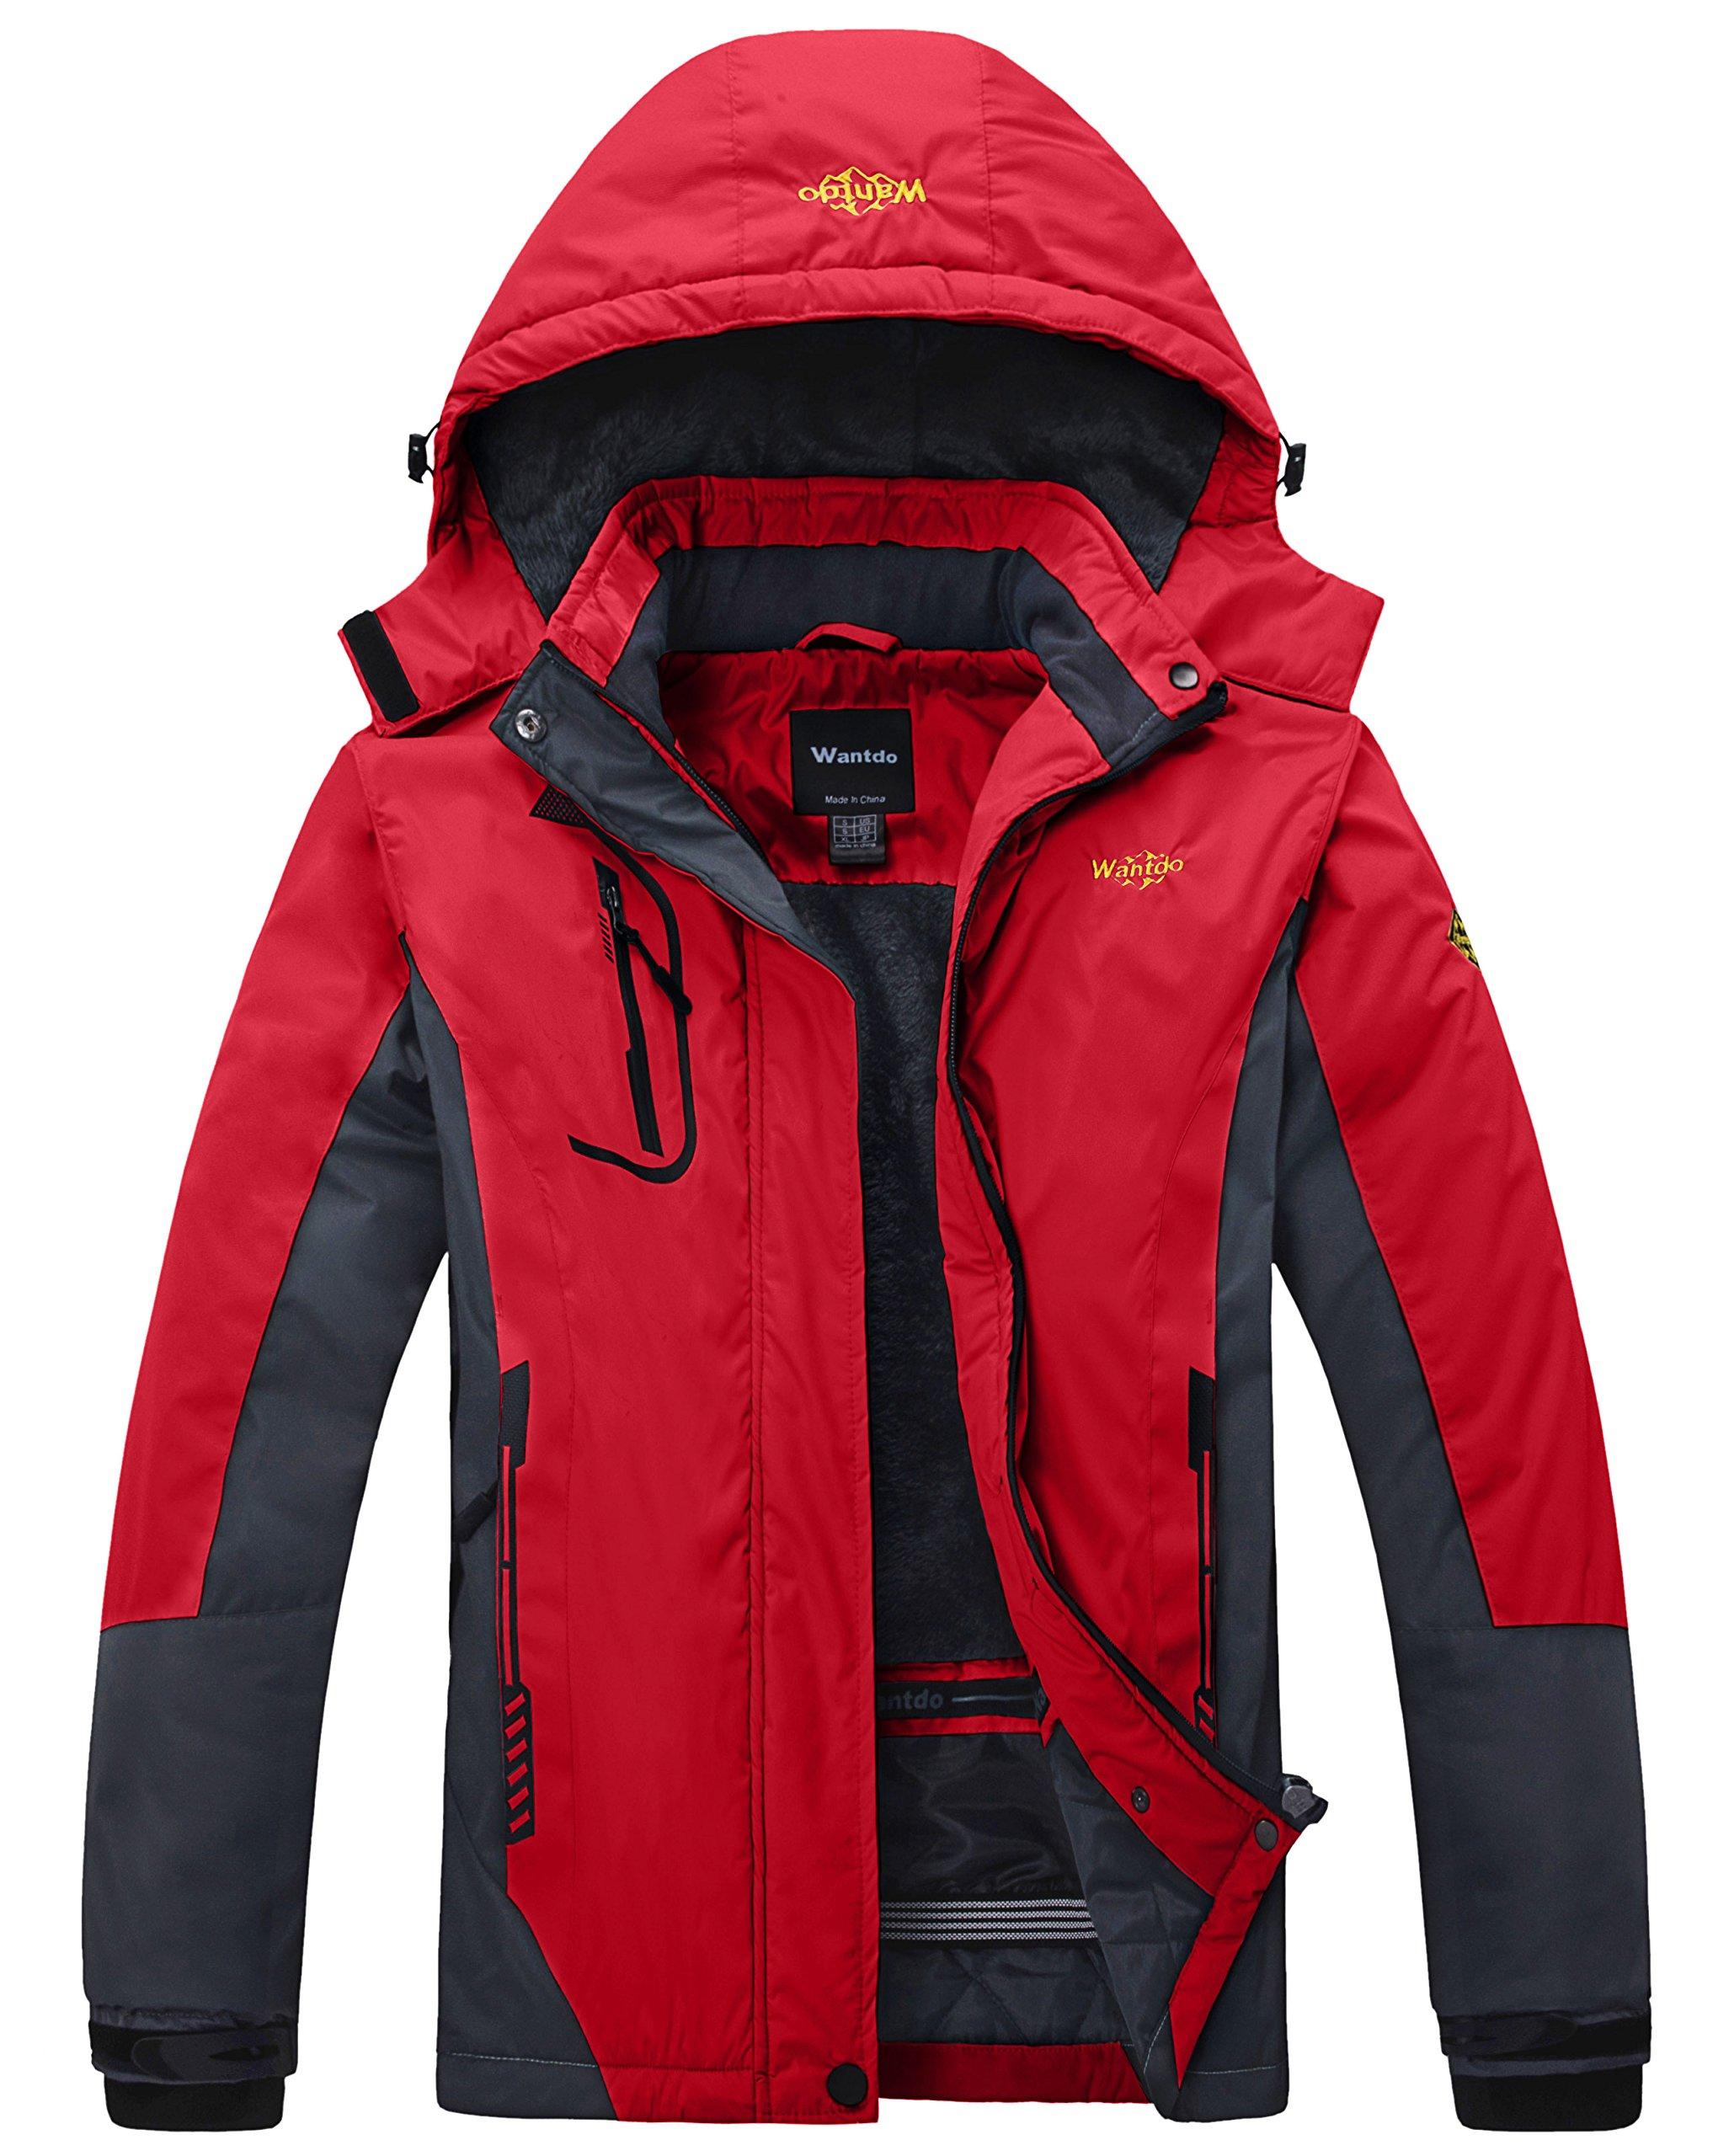 Wantdo Women's Waterproof Mountain Jacket Fleece Windproof Ski Jacket US S  Red Small